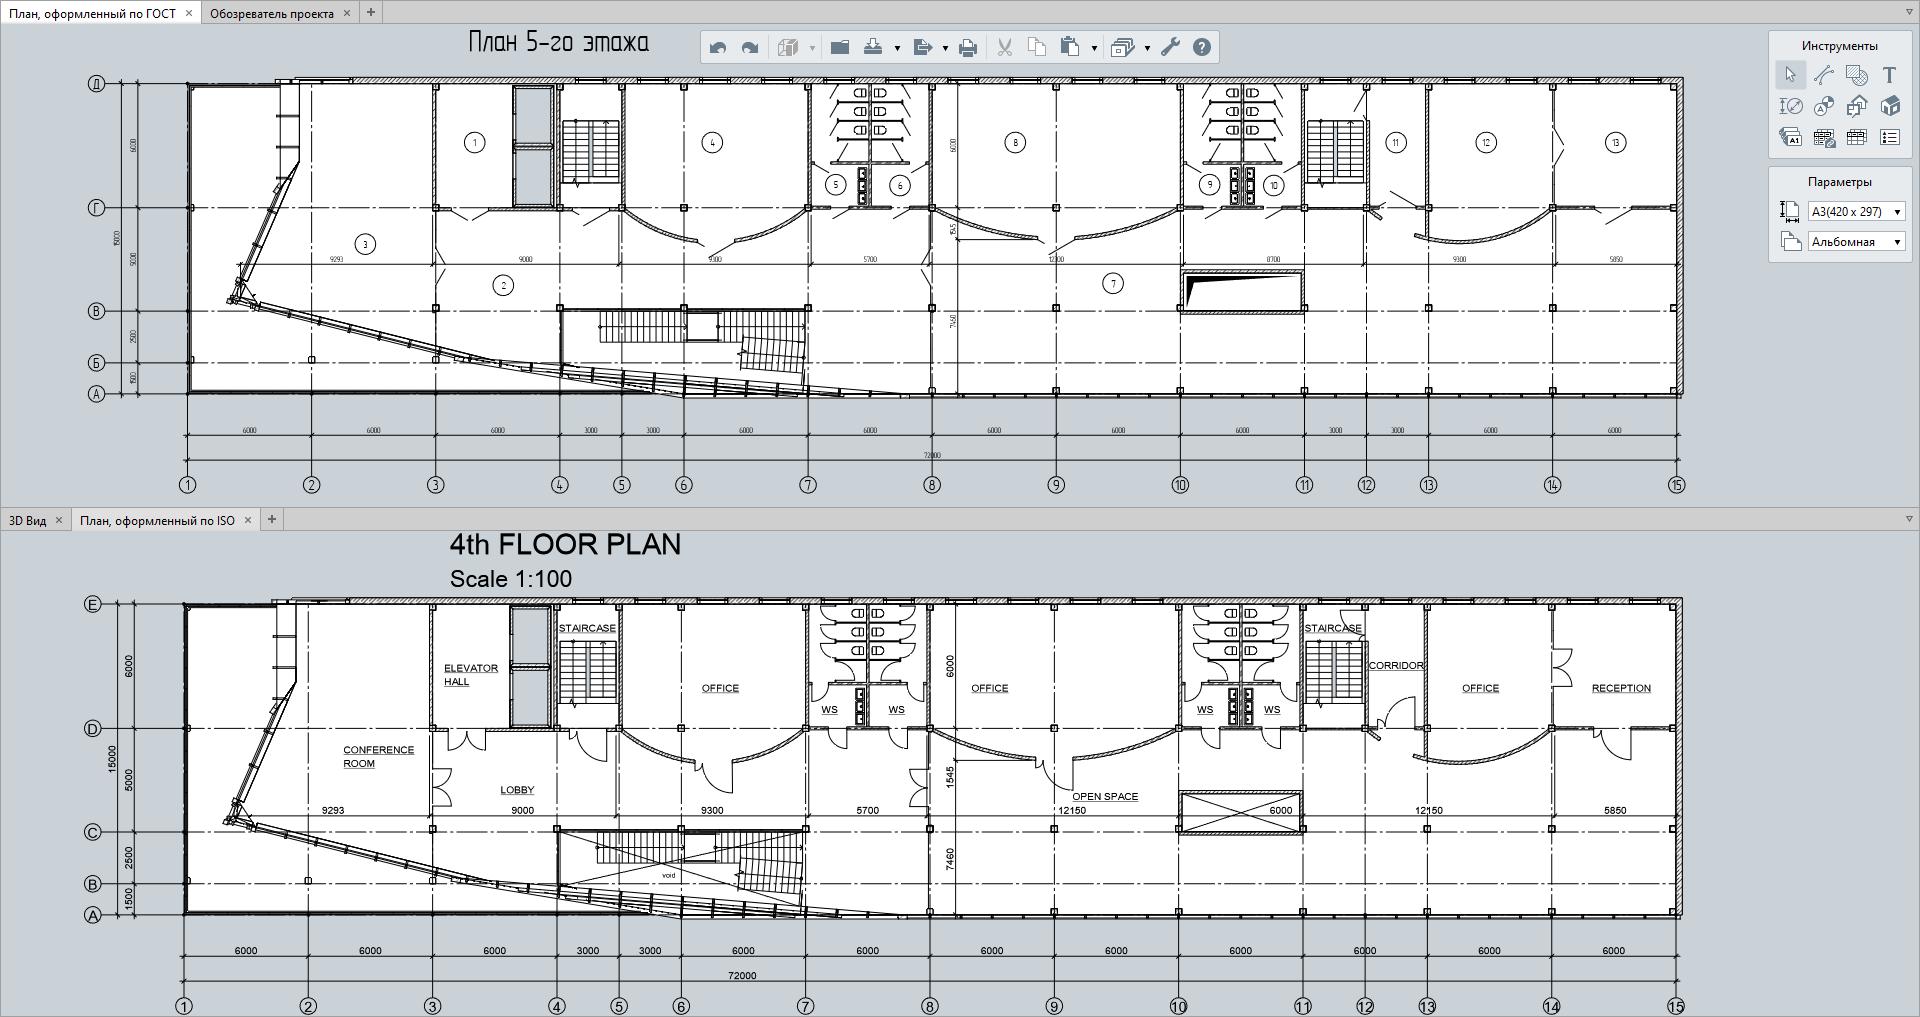 Варианты отображения дверей на плане позволяют оформить чертежи по ГОСТ (вверху) и по ISO (внизу).